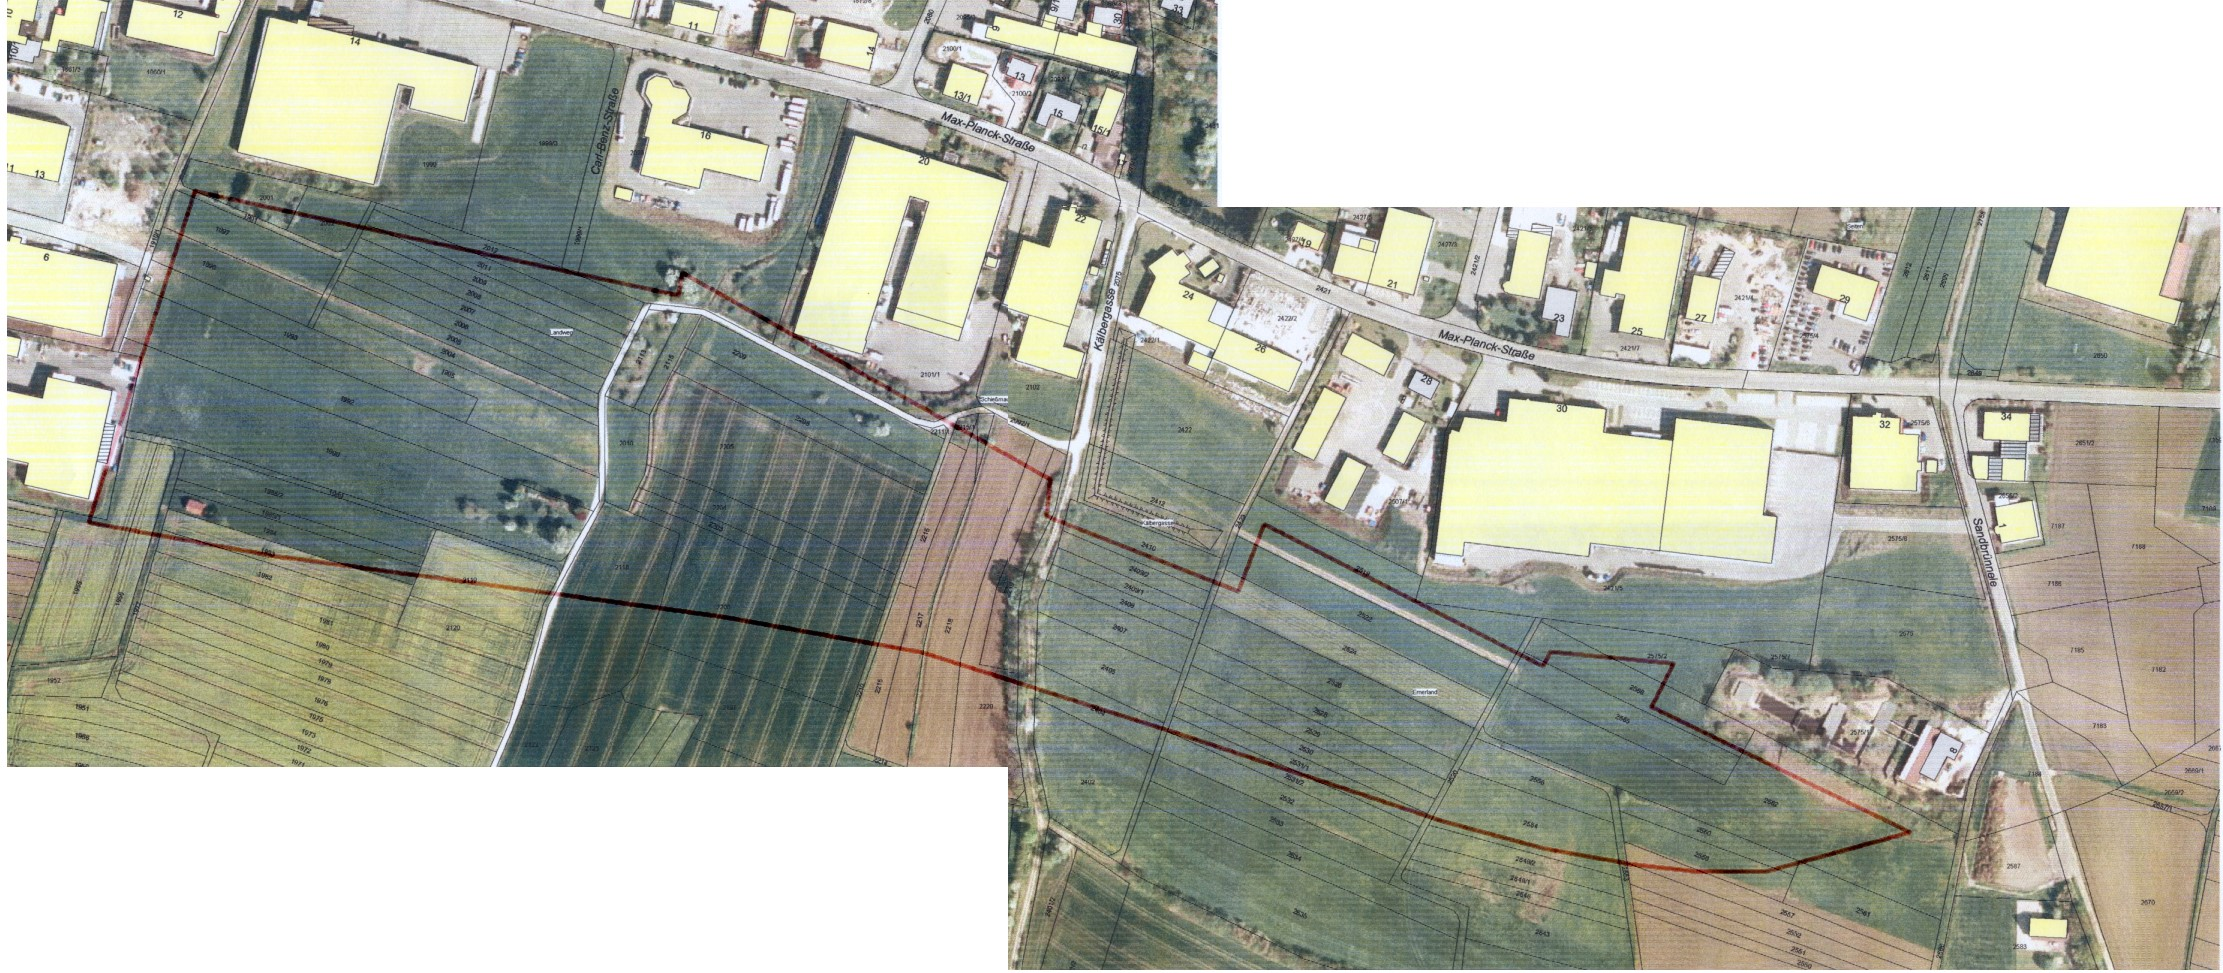 Luftbild Rudolf-Diesel-Straße